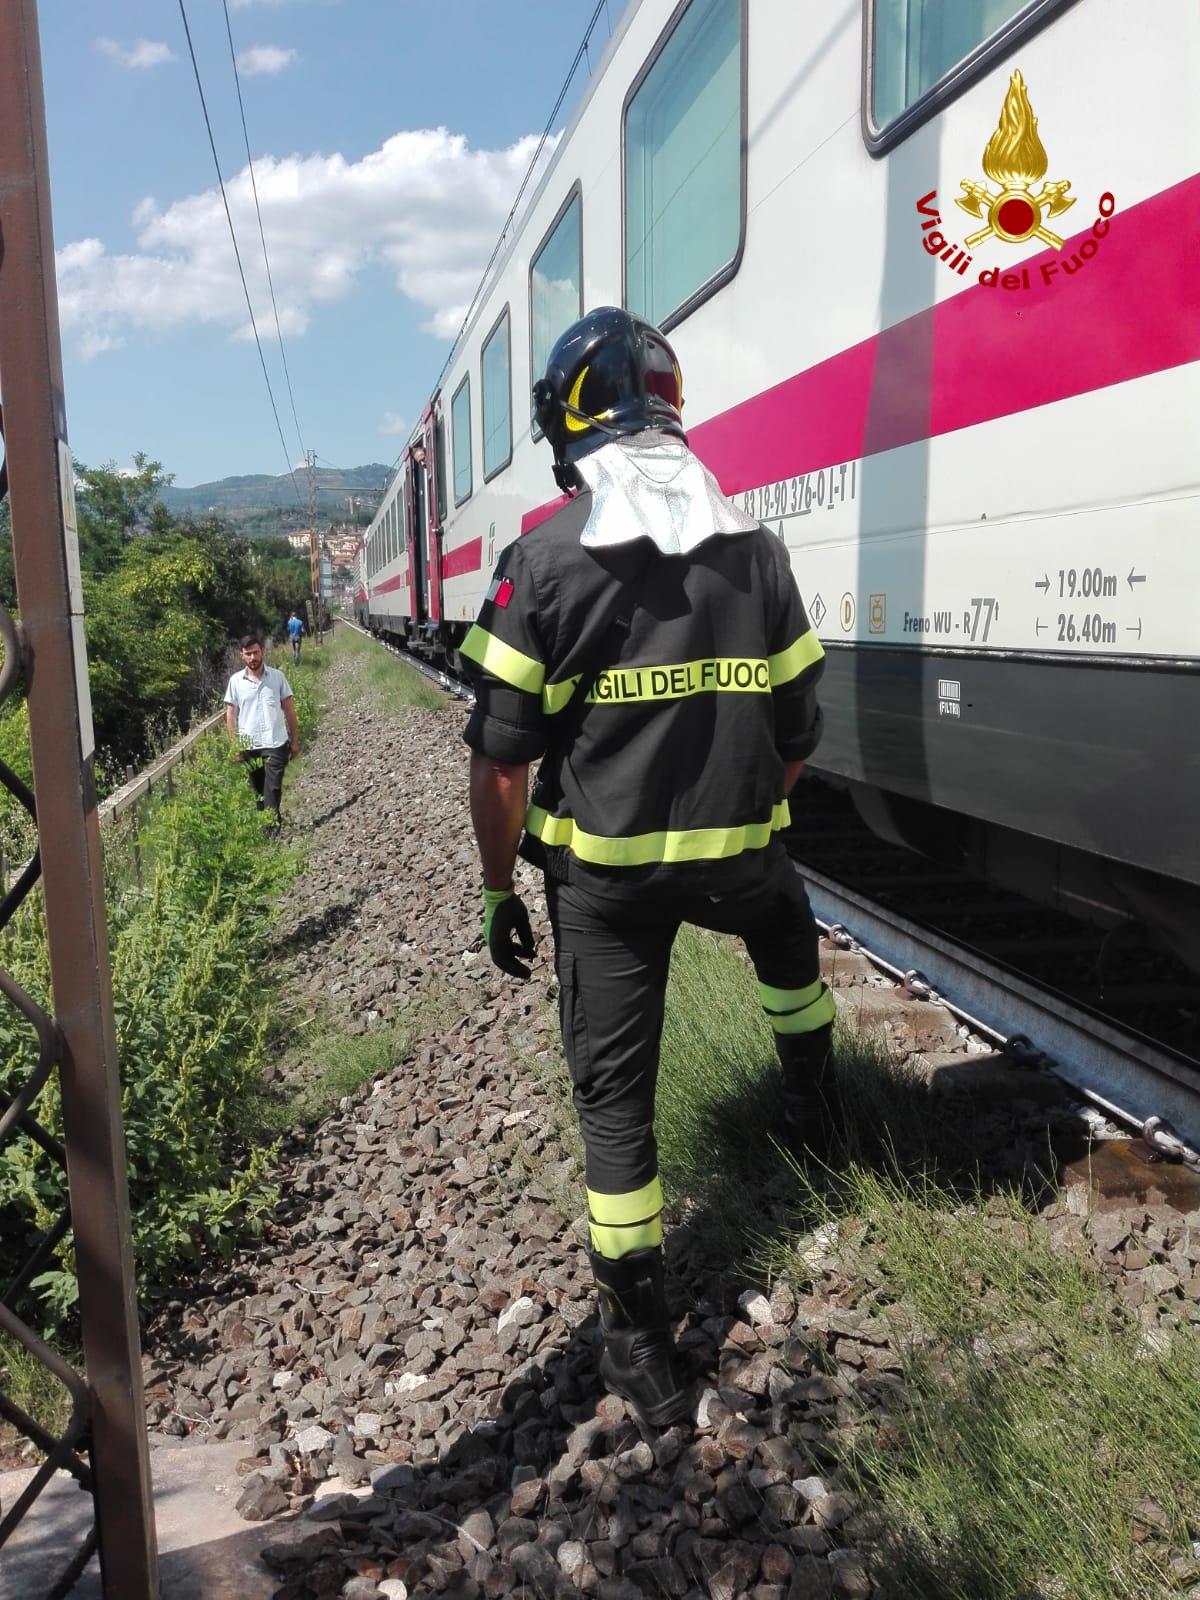 Treno si blocca, due invalidi soccorsi dai Vigili del Fuoco